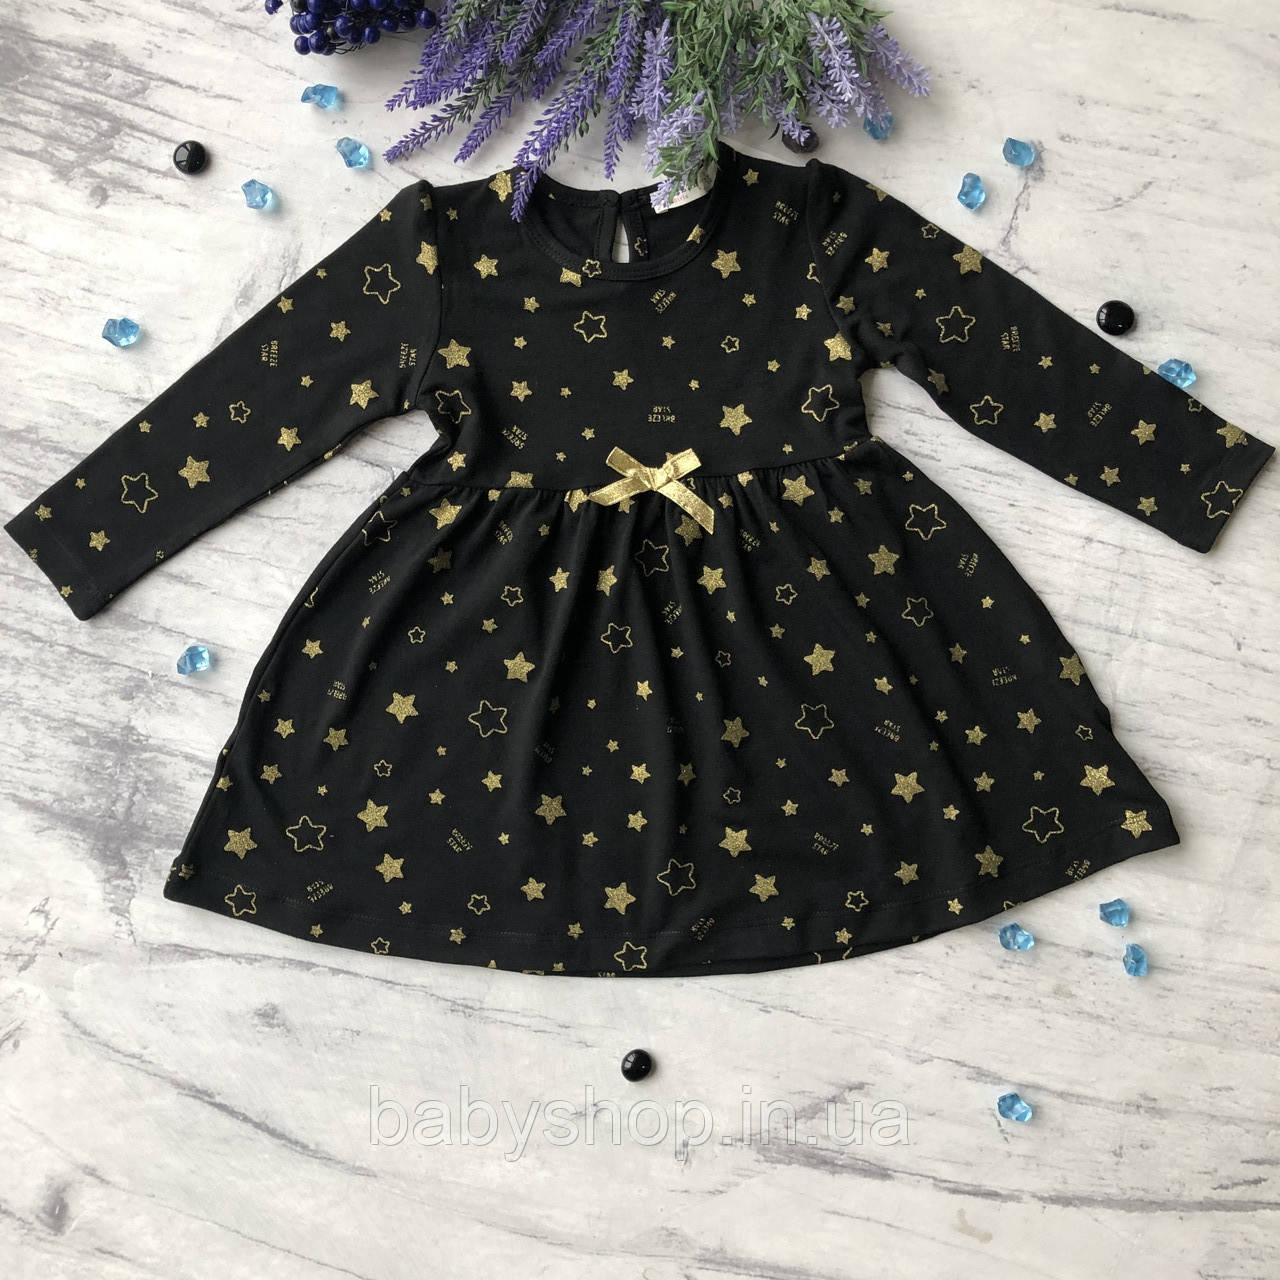 Платье на девочку Breeze 180 . Размер 92 см, 98 см, 104 см, 110 см, 116 см